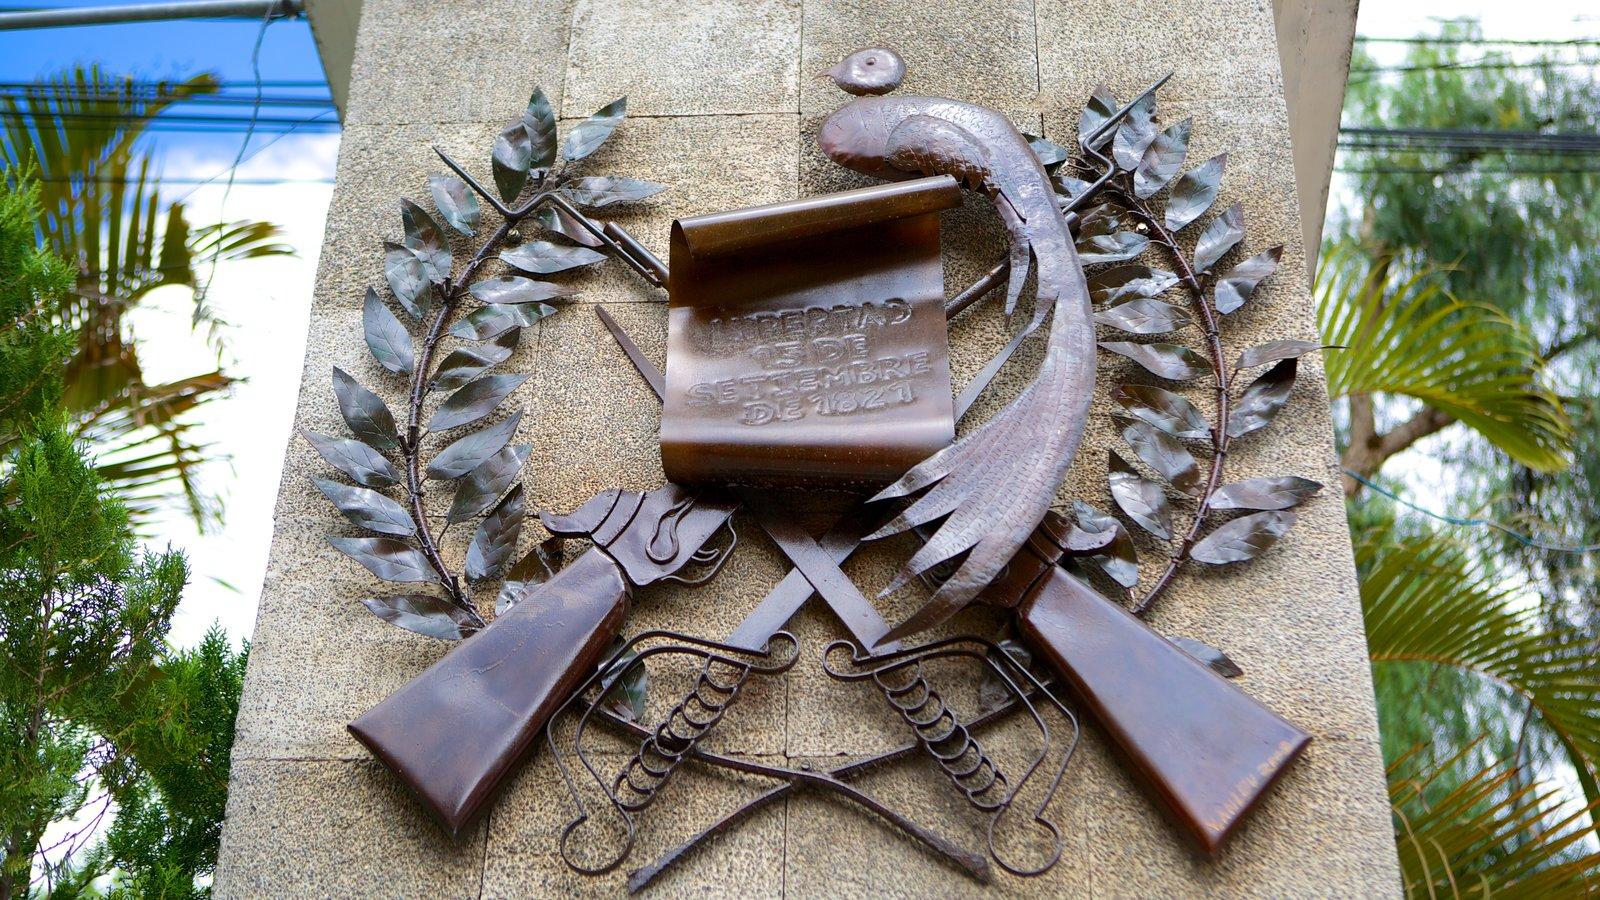 Panajachel ofreciendo arte al aire libre, una estatua o escultura y flores silvestres